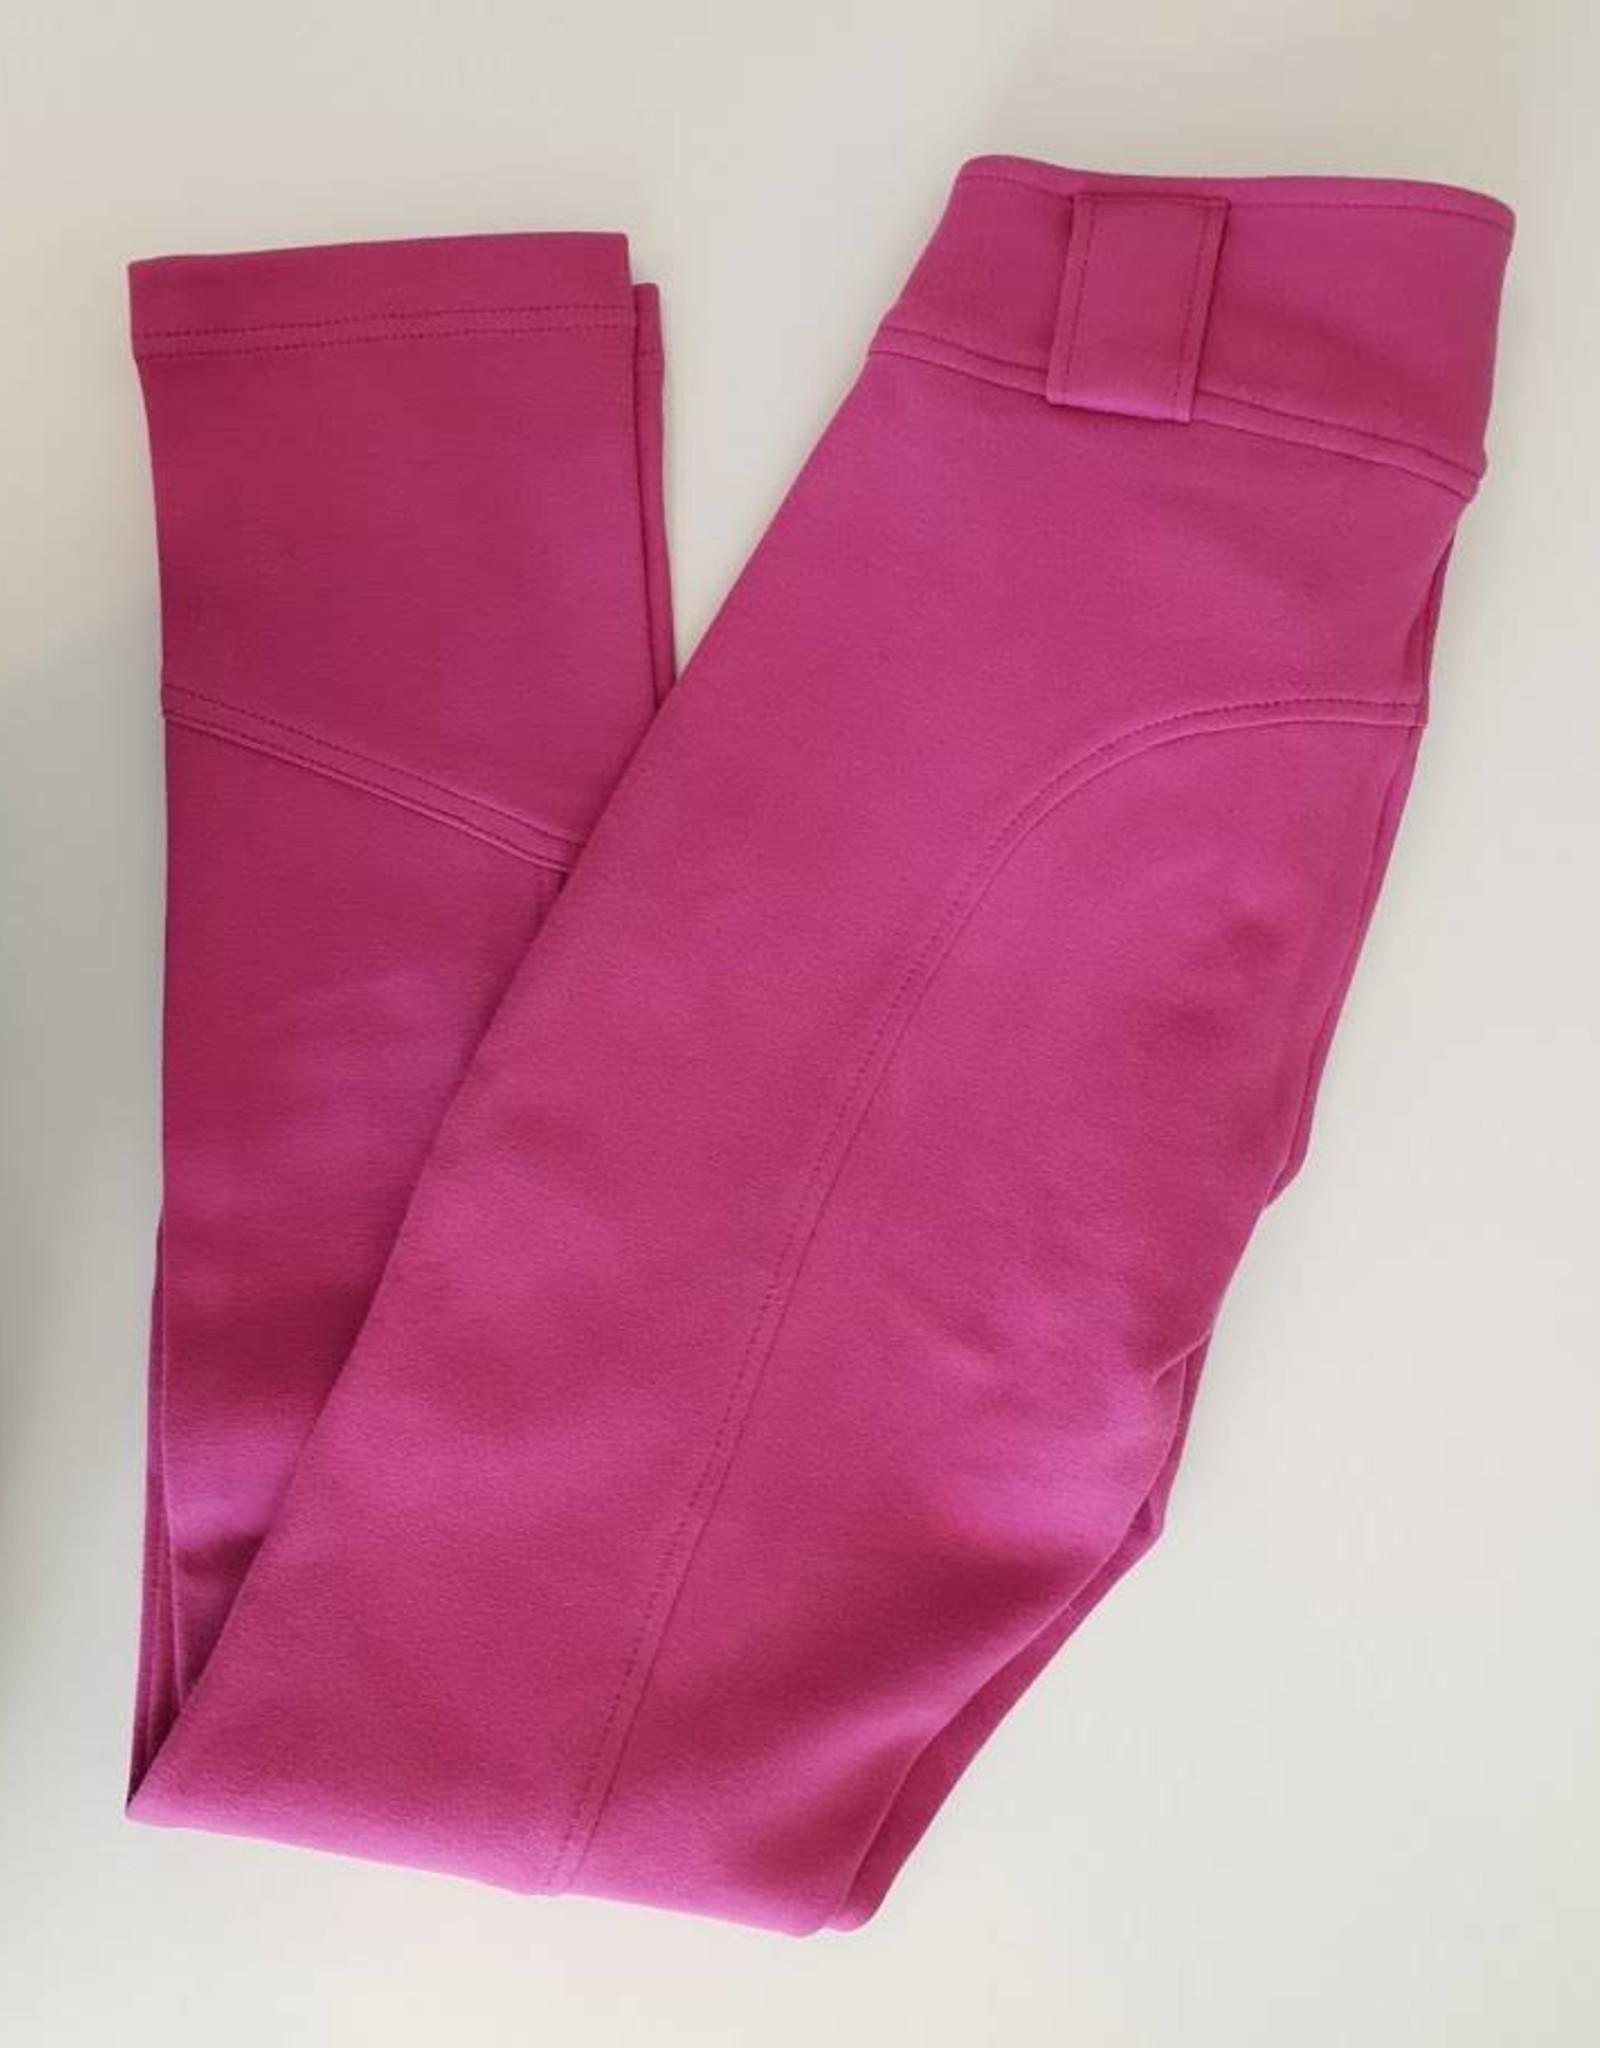 GG Rider Vivid Hipsters - Dark Pink - Ladies Size 12